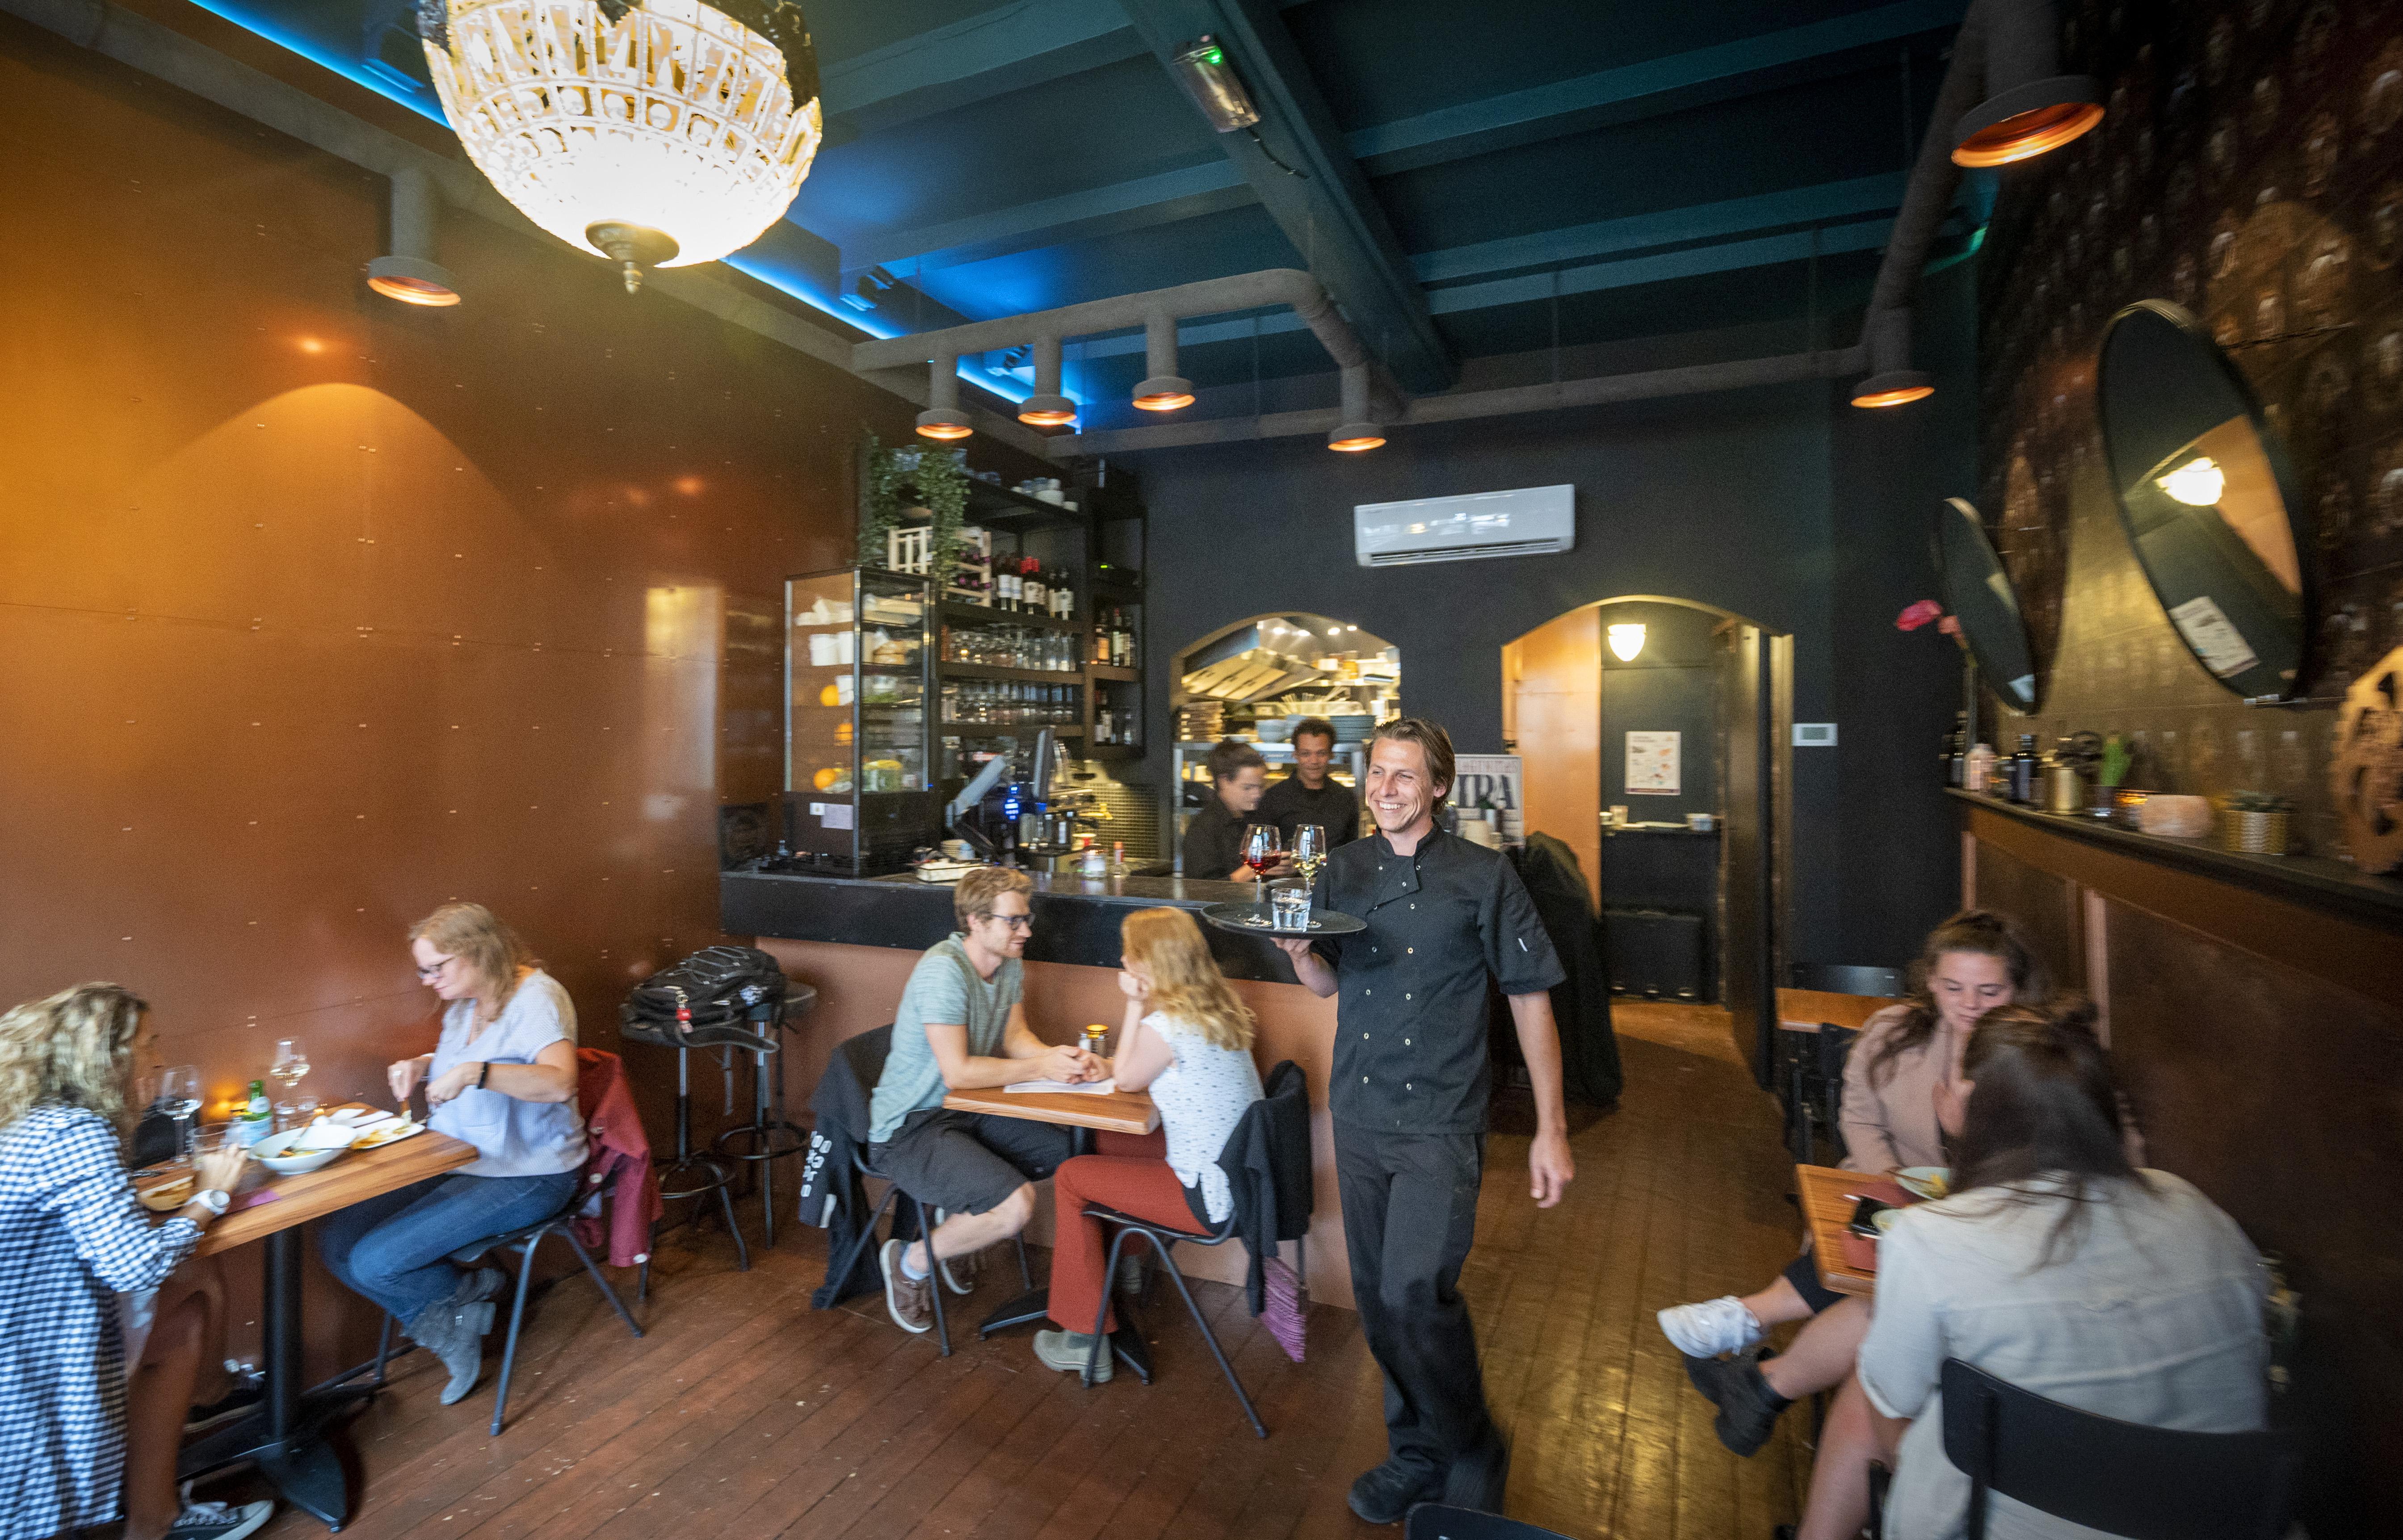 Goed eten bij New Vegas, maar chef-kok Bas Veldhoven mag best wel wat meer vegantische durf aan de dag leggen | recensie